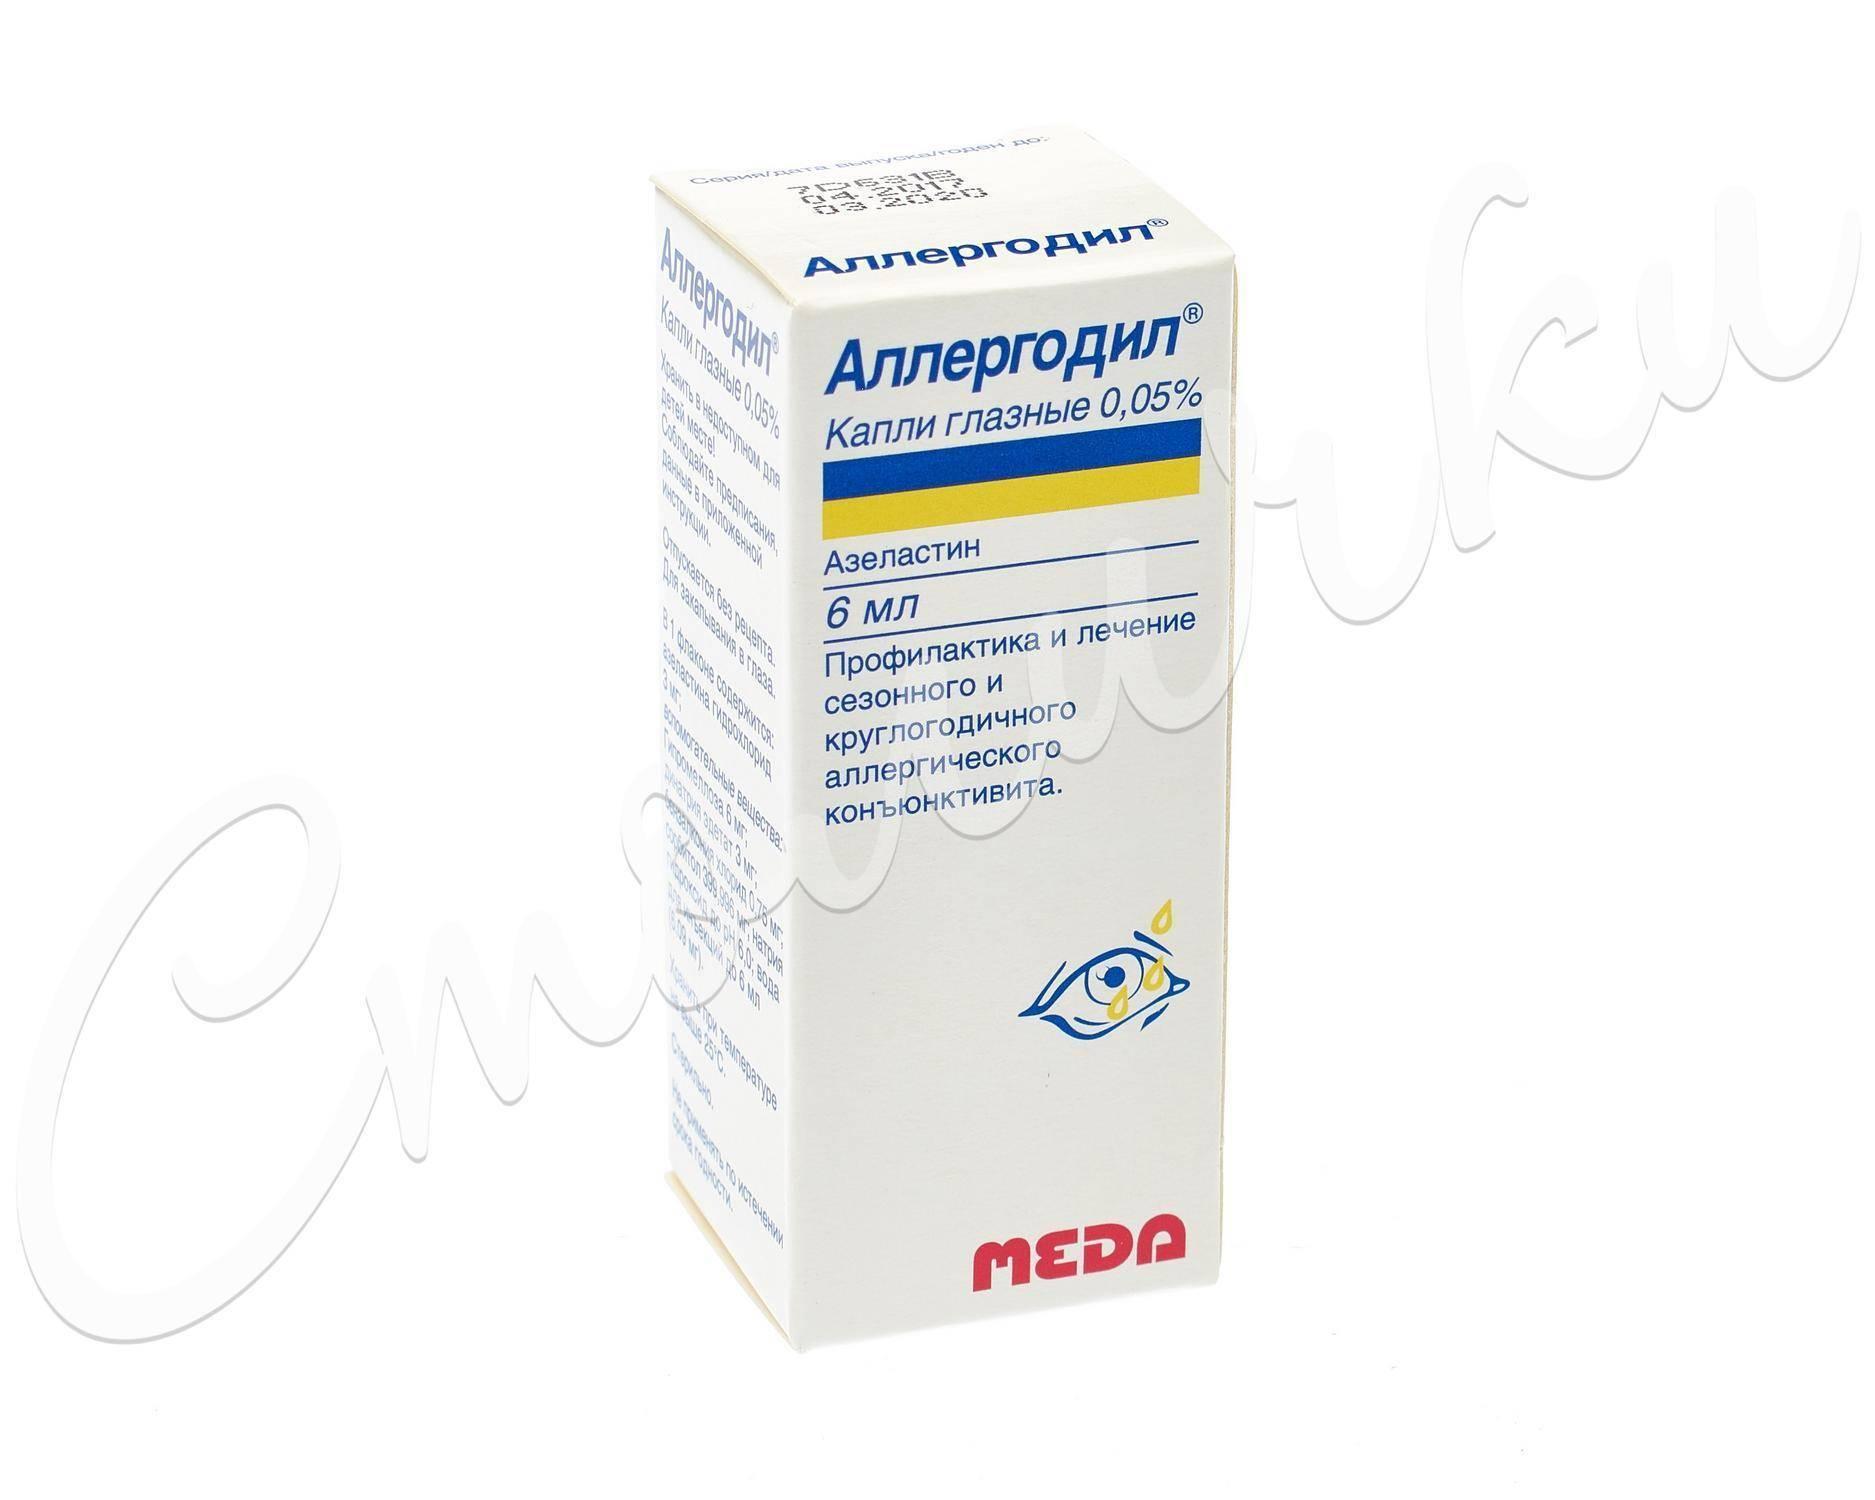 Капли глазные от аллергии - топ-лист самых лучших противоаллергических капель против аллергии